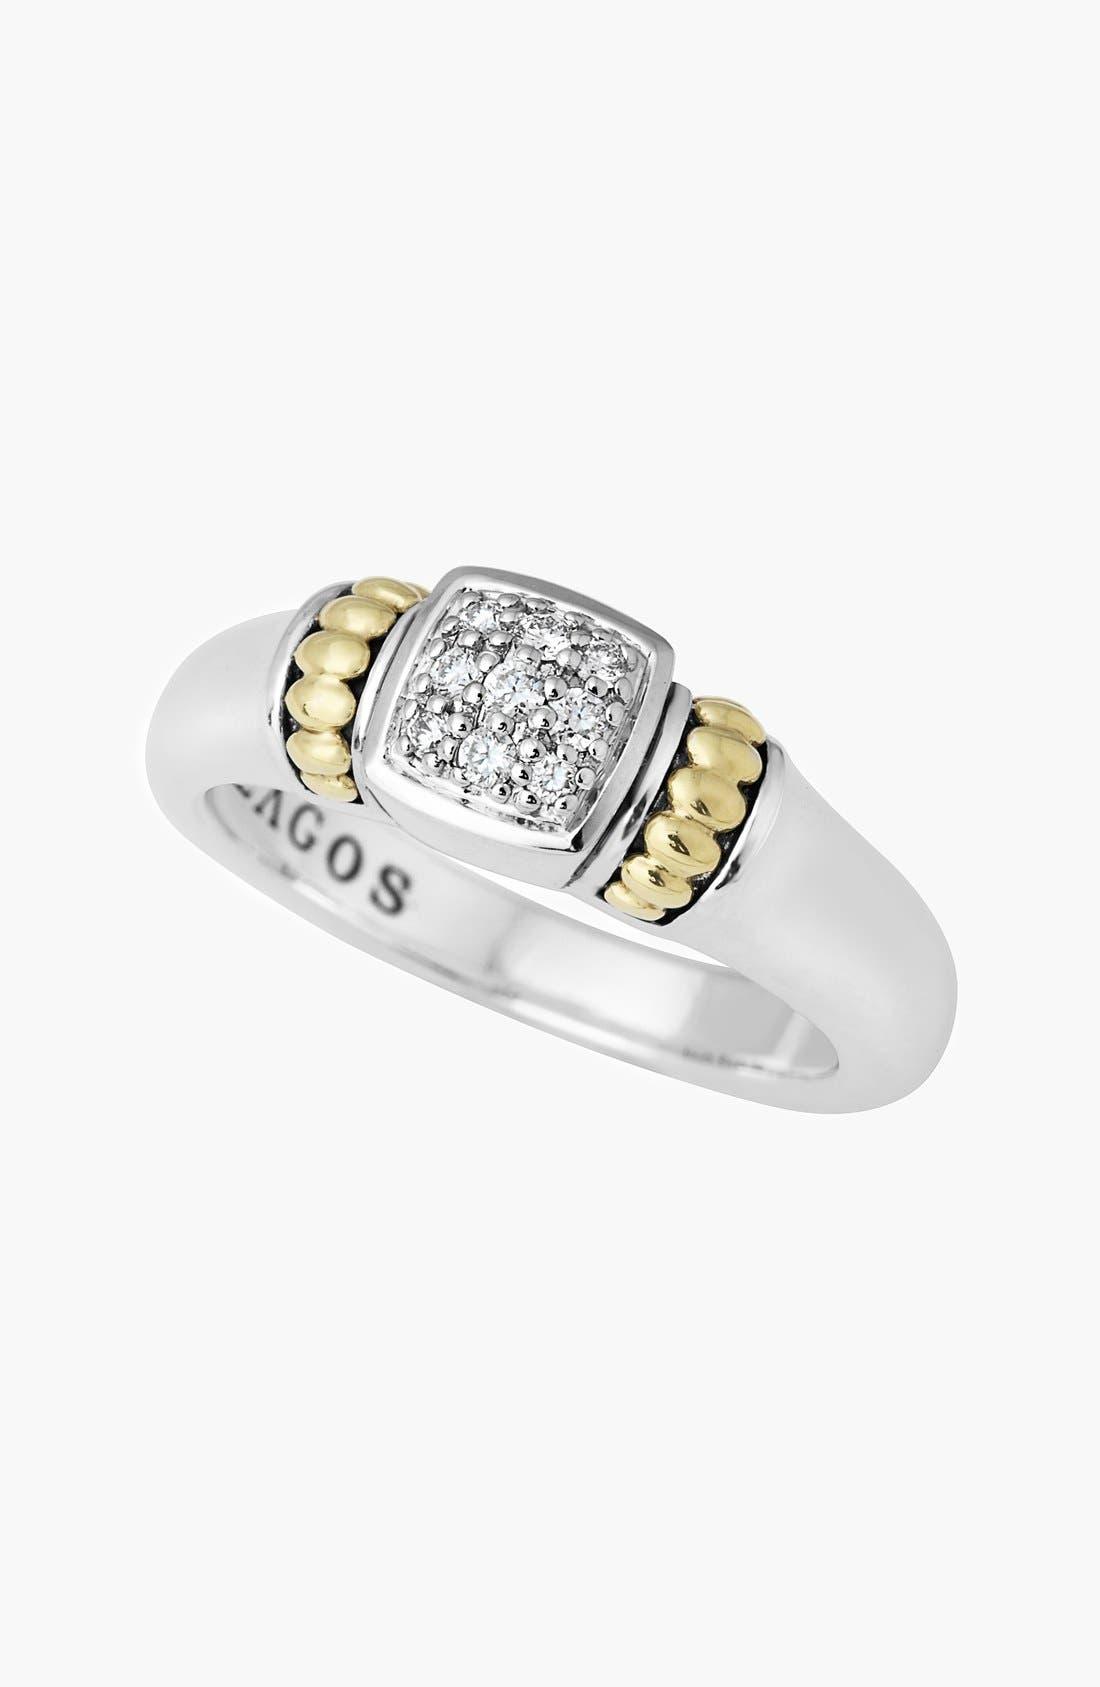 Alternate Image 2  - LAGOS Caviar Diamond Ring